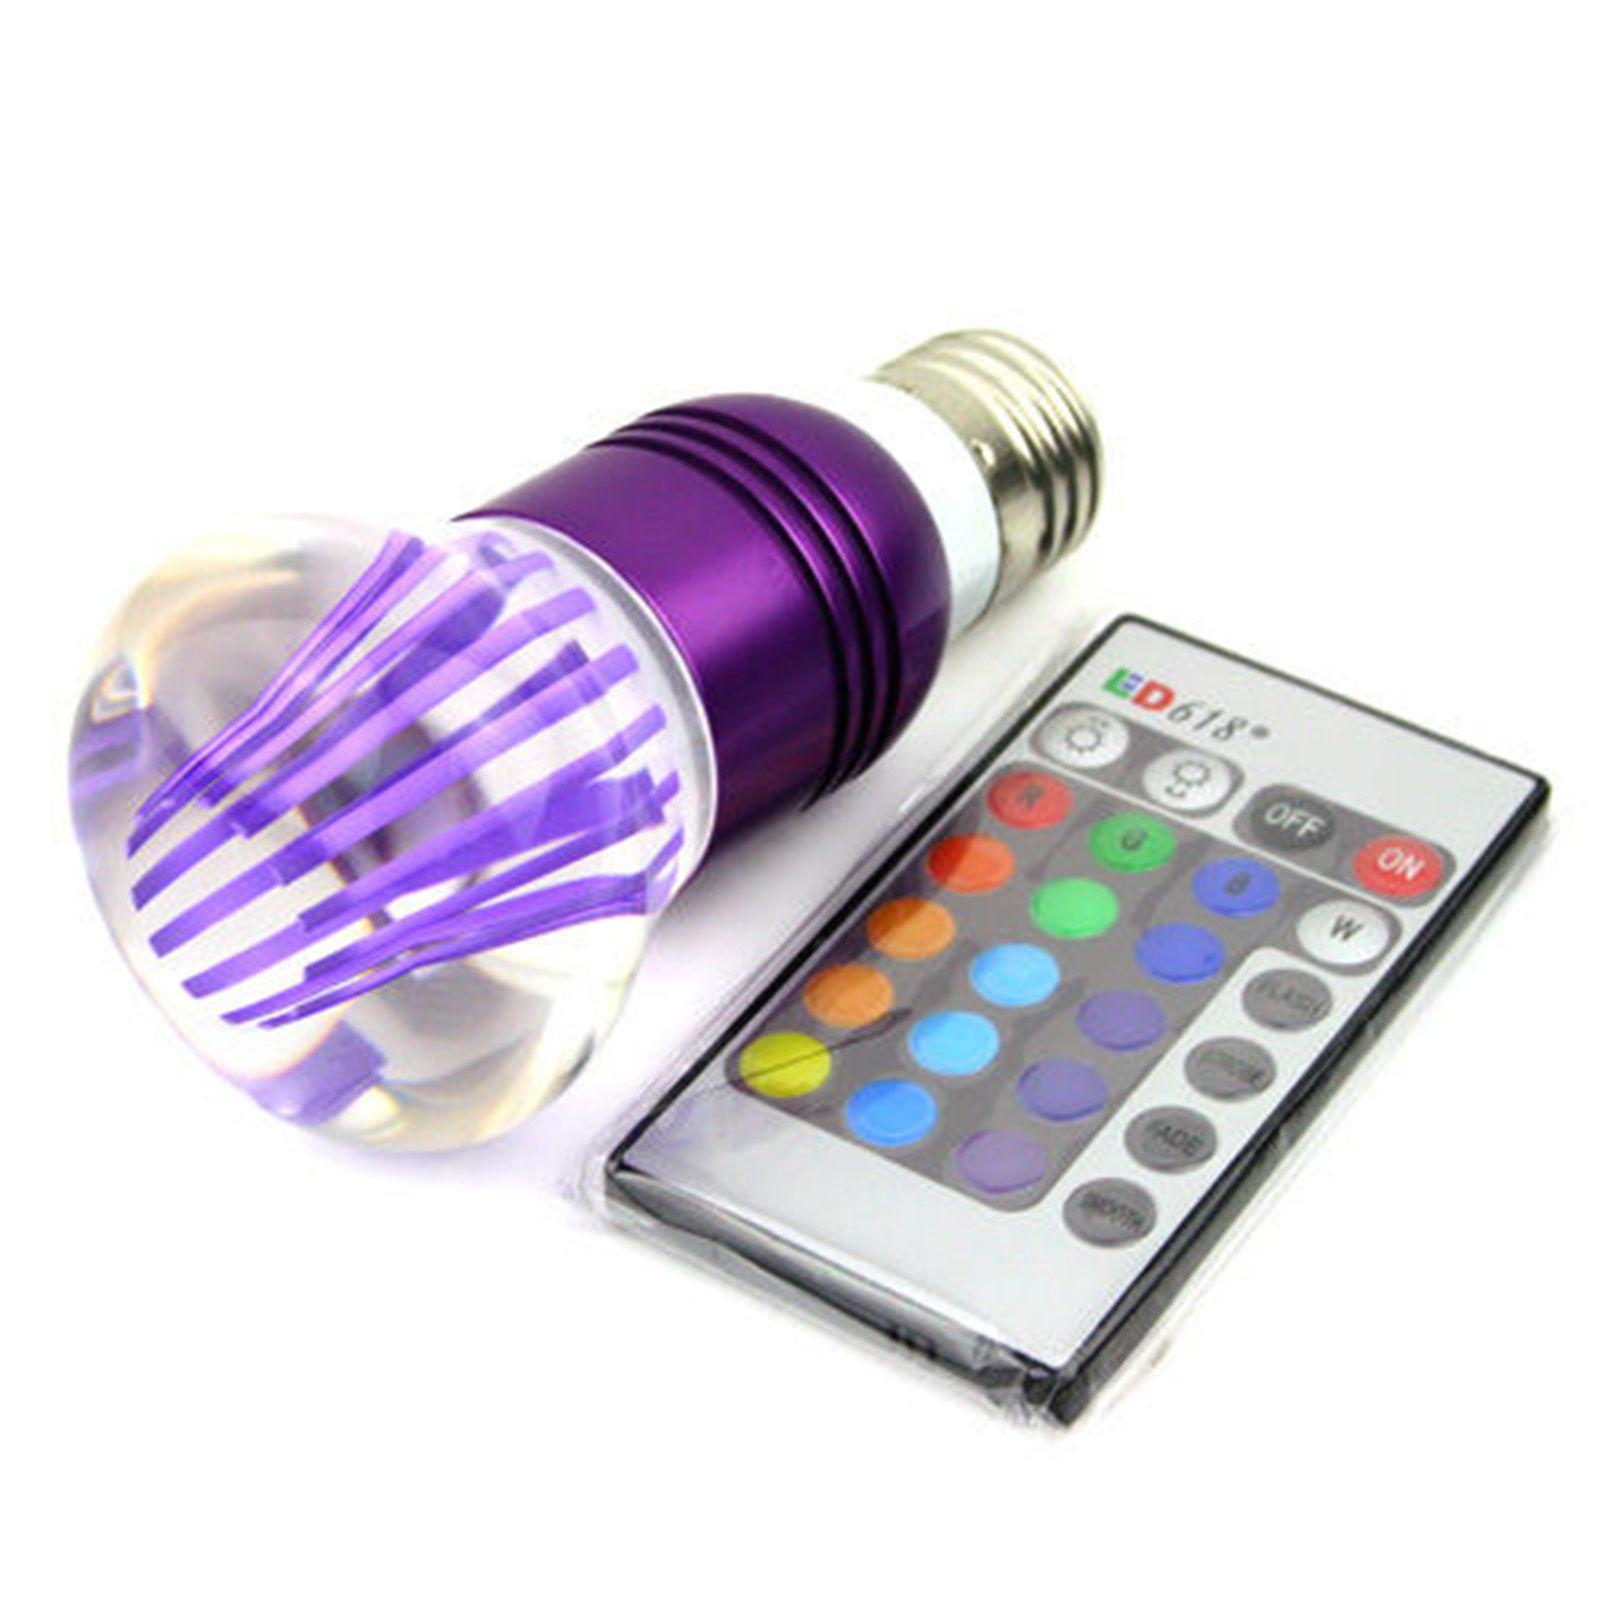 Λάμπα RGB Led E27 3Watt Διάχυτου Φωτισμού με Τηλεχειριστήριο και Εναλλαγή 16 Χρωμάτων